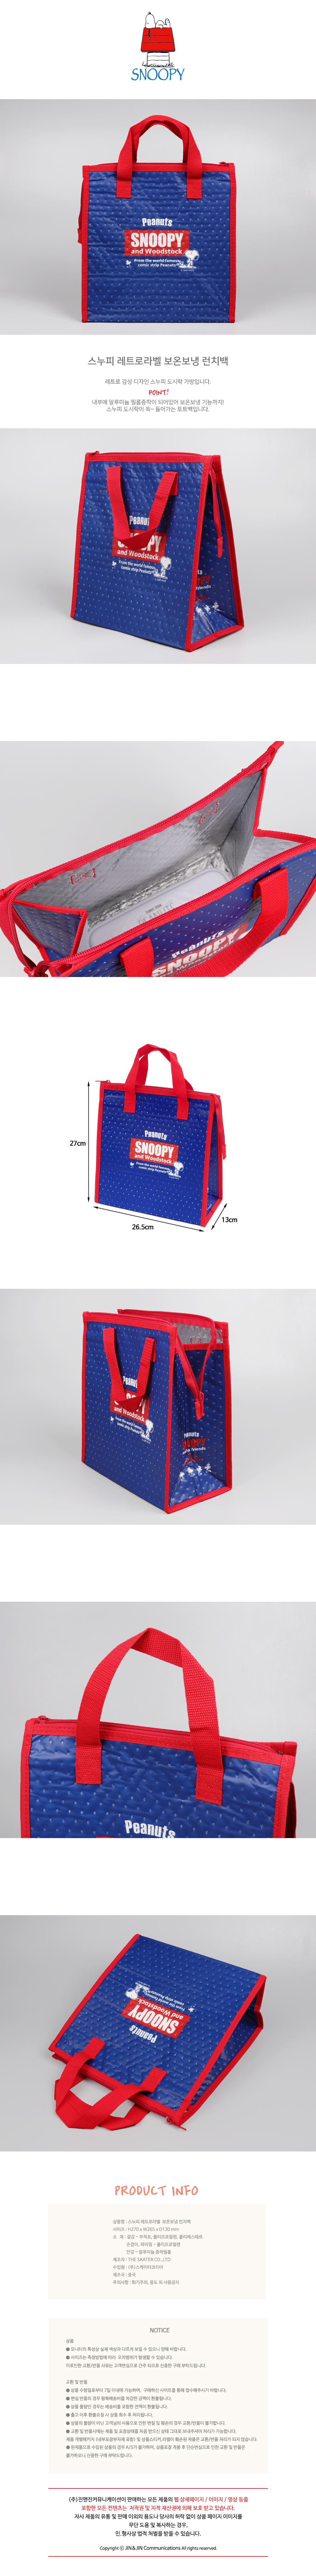 스누피 레트로라벨 보온보냉 런치백 - 스케이터재팬, 9,100원, 가방/수납, 보온/보냉가방